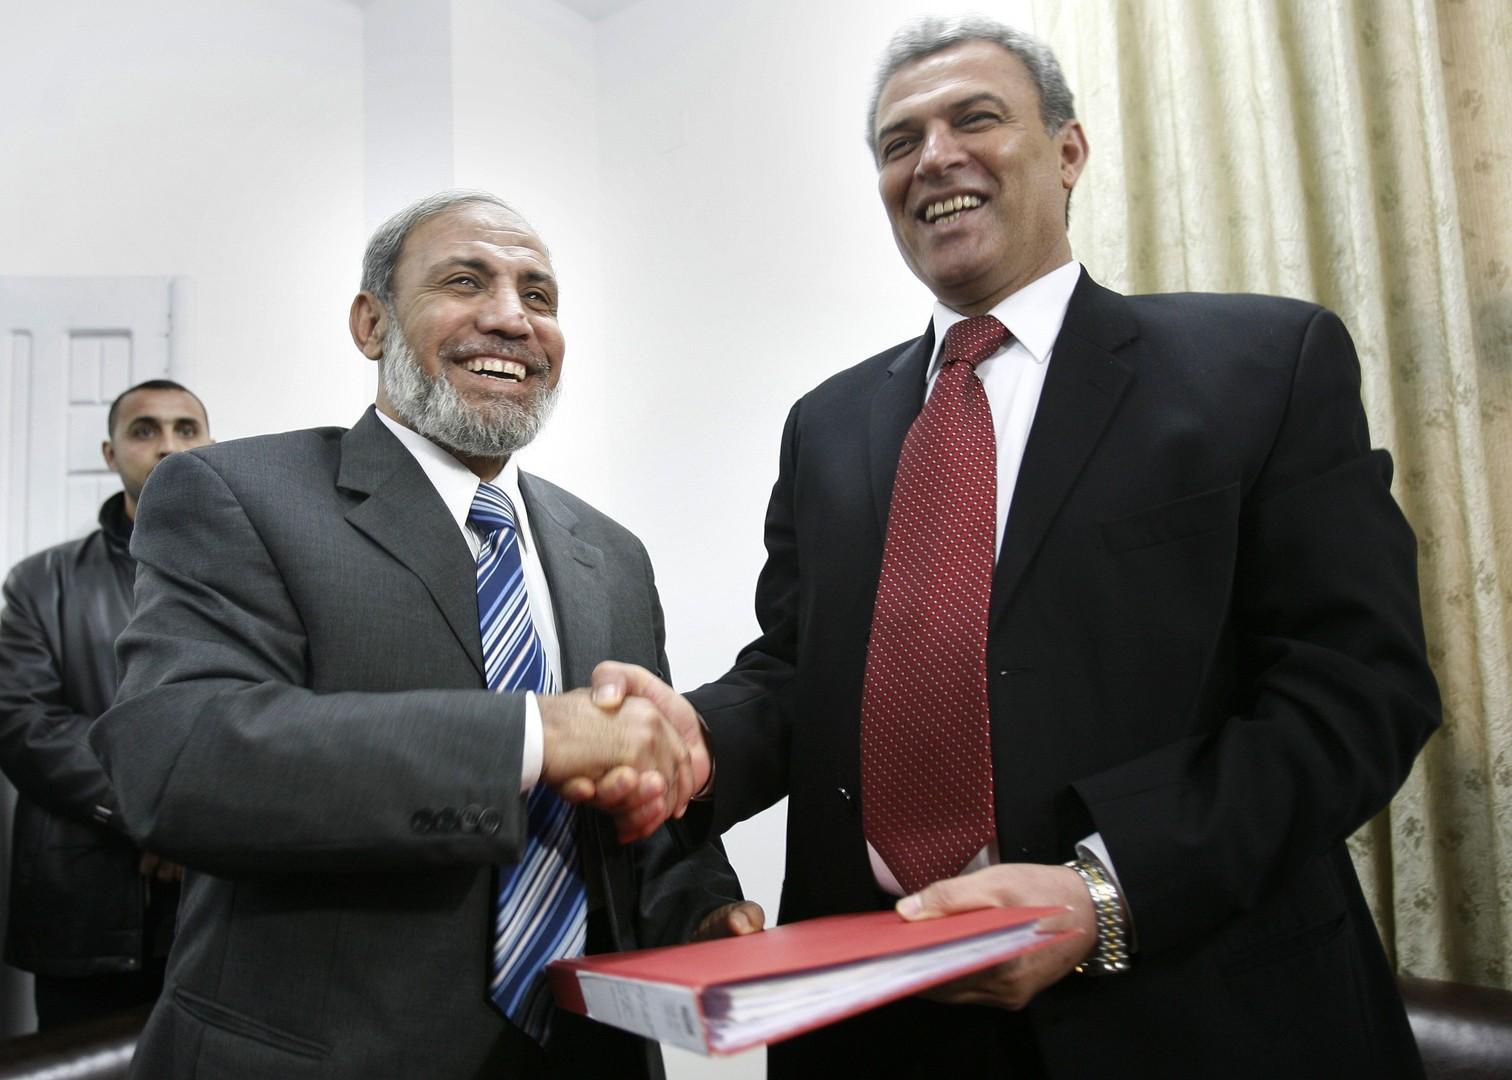 زياد أبو عمرو يصافح القيادي في حماس محمود الزهار في لقاء سابق